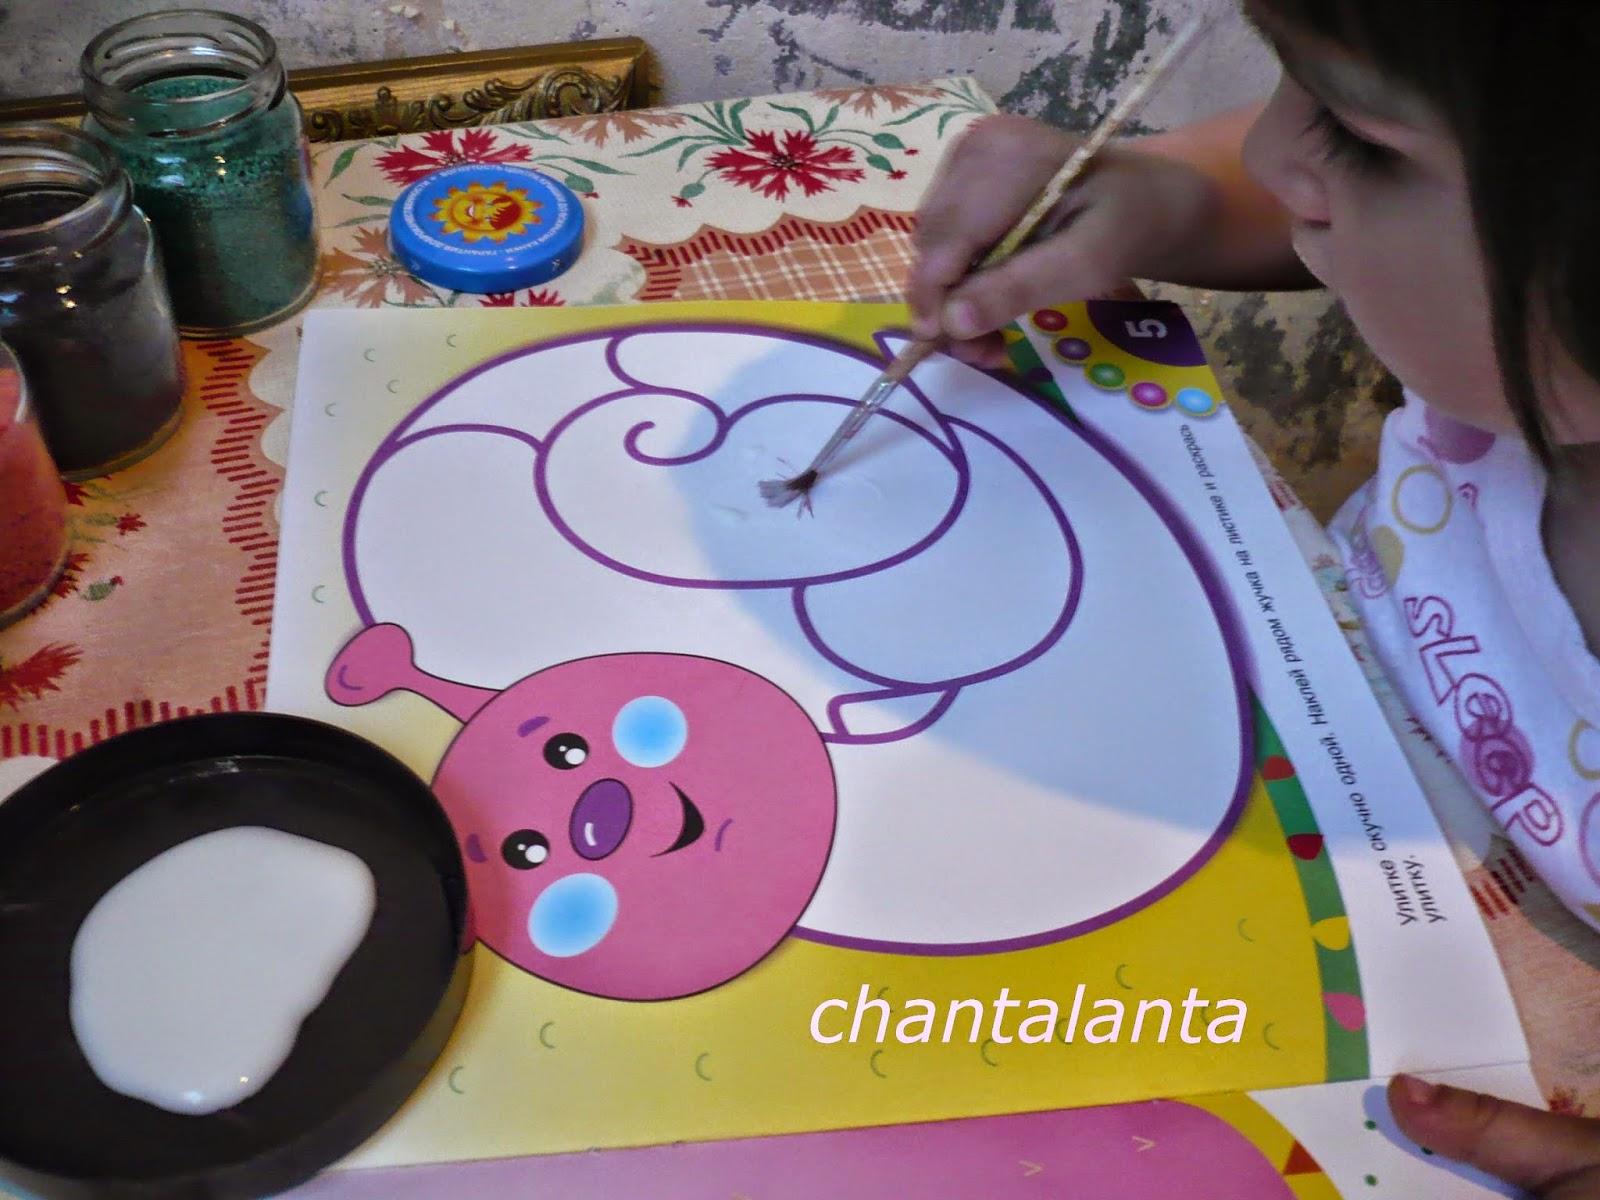 Как манку покрасить для поделок? Все способы изготовления альтернативы 30